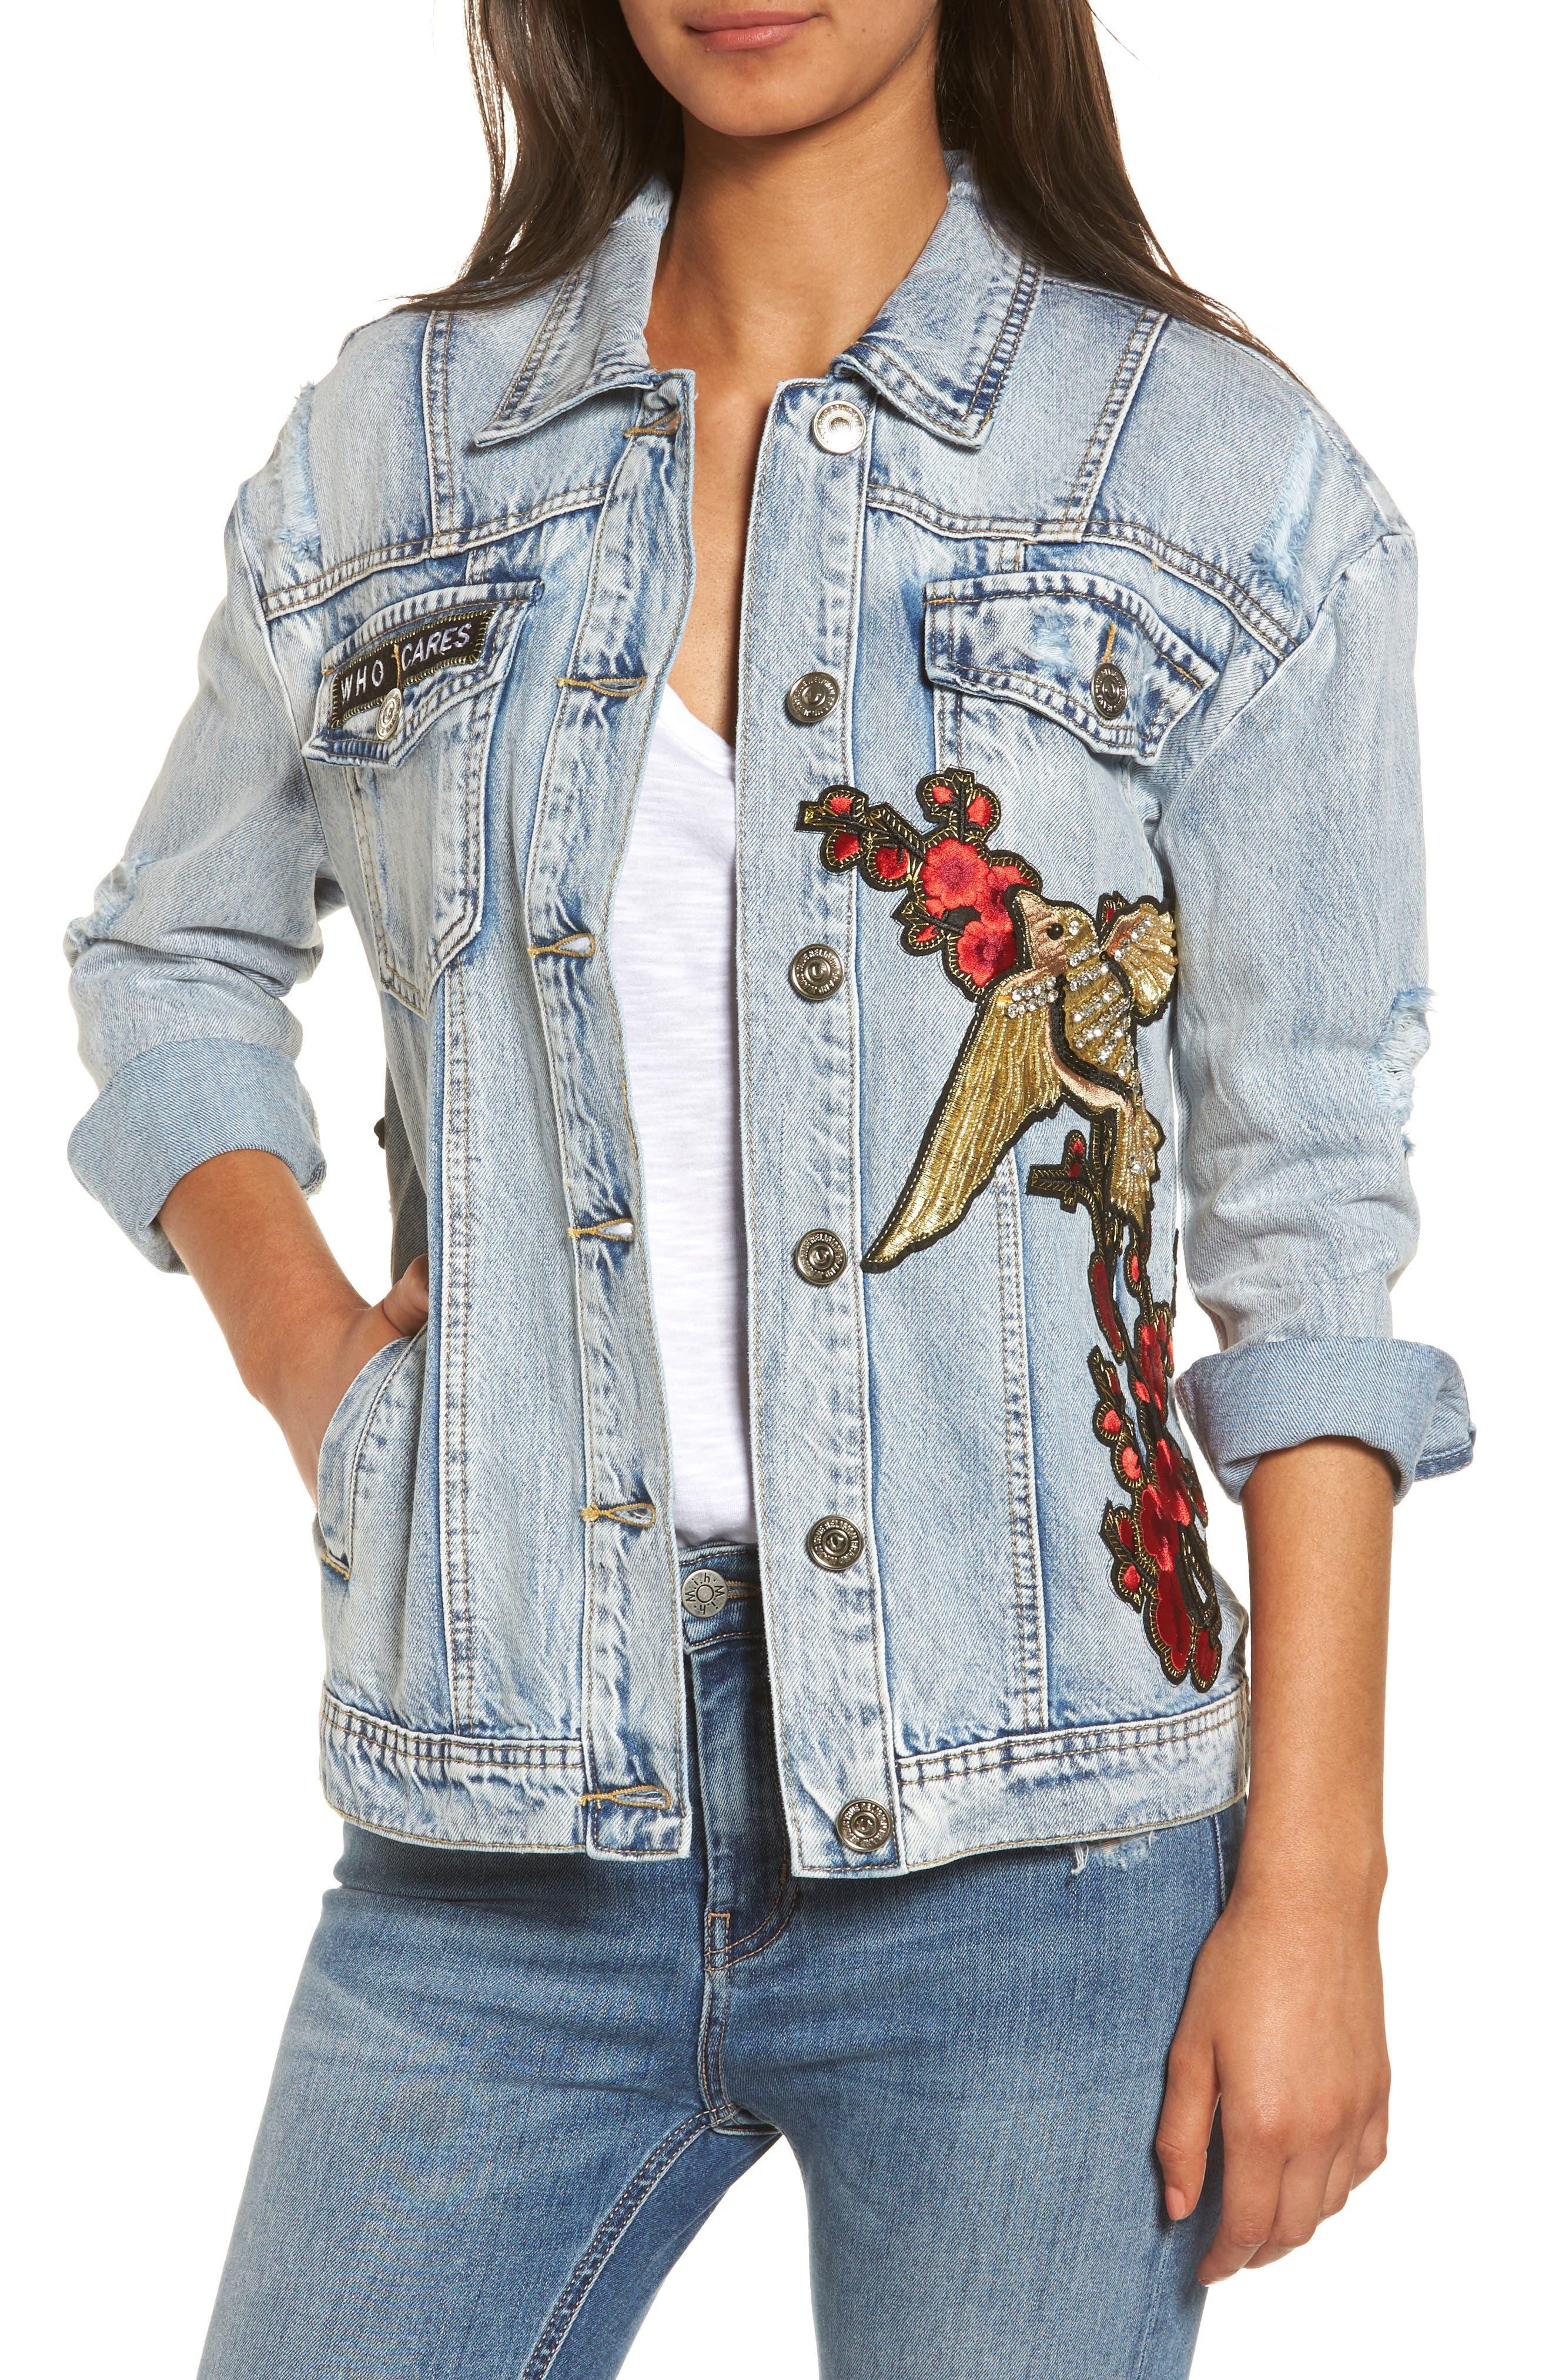 Alternate Image 1 Selected - True Religion Brand Jeans Denim Trucker Jacket